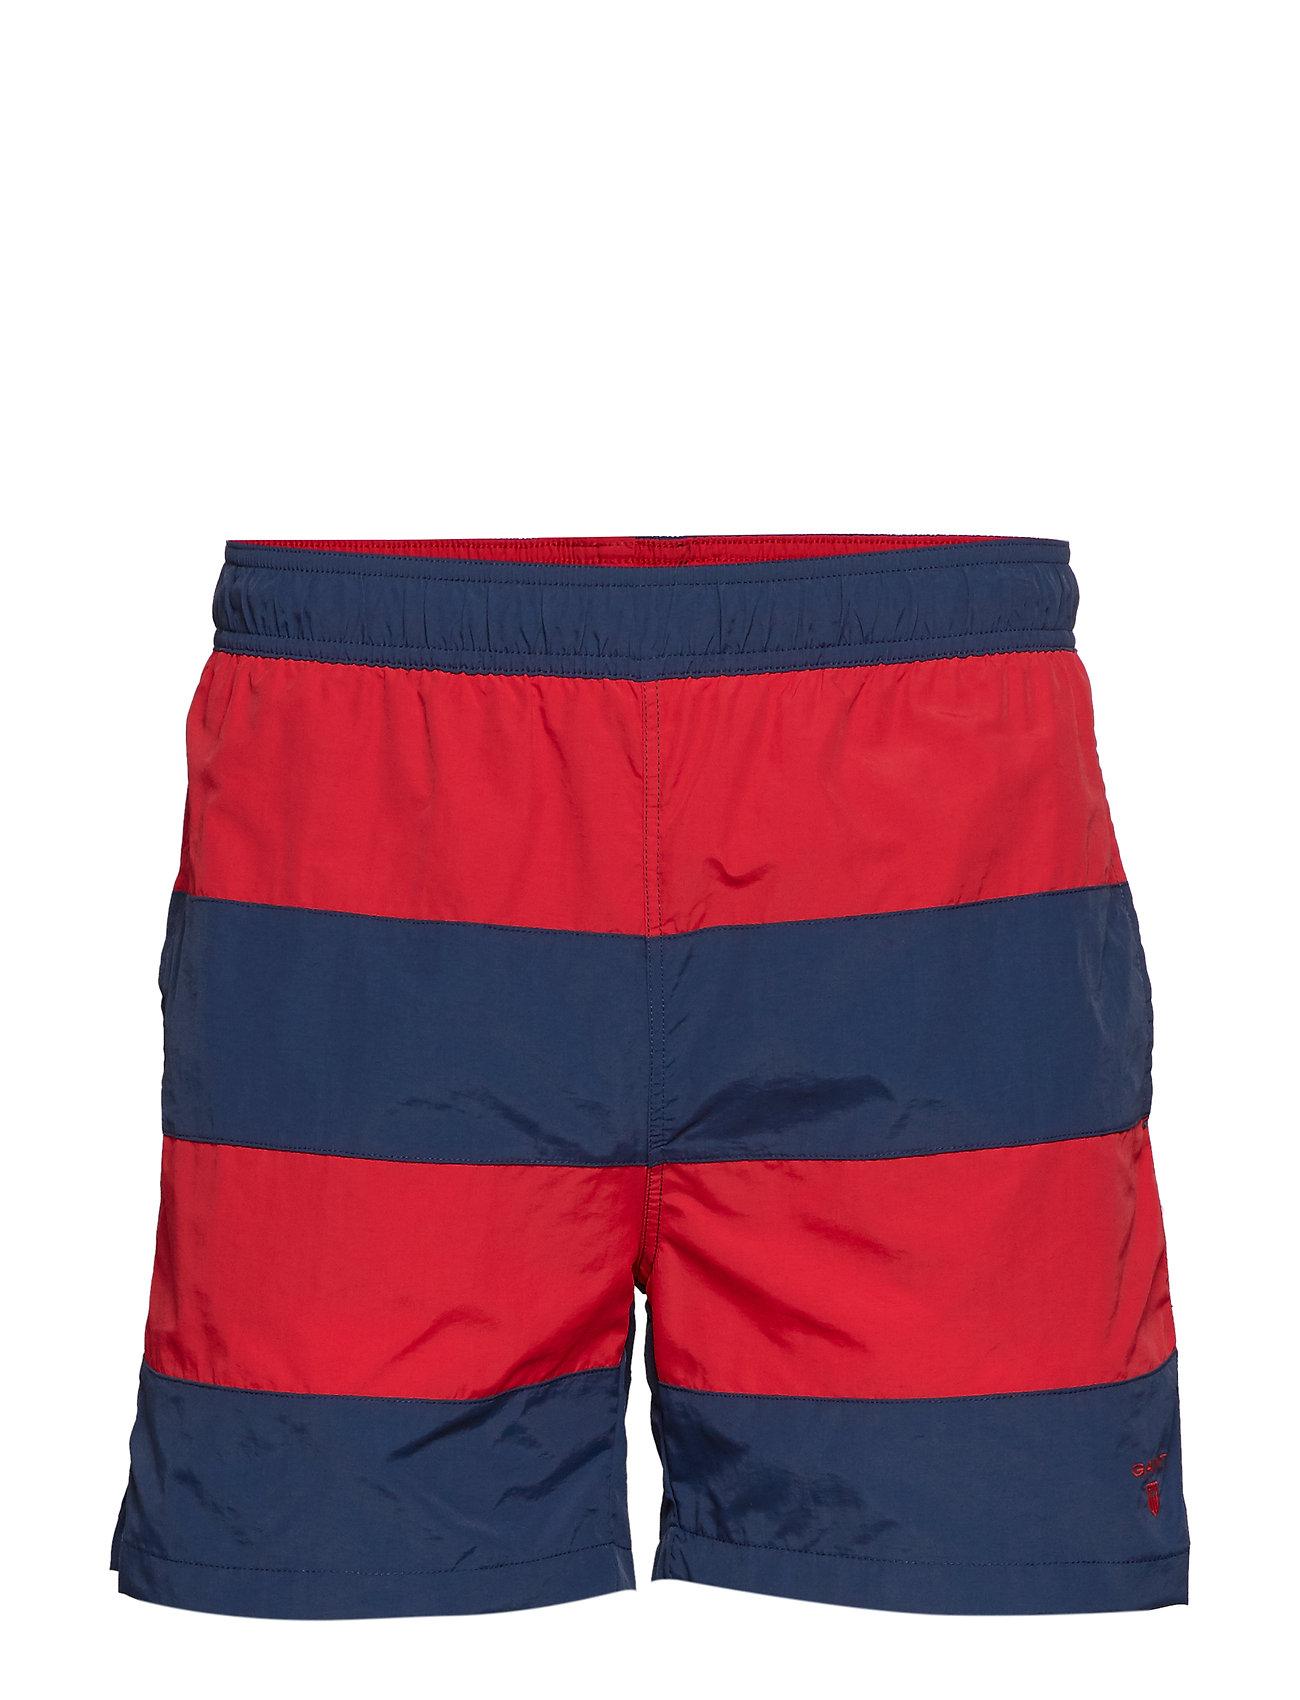 Stripe Shorts Rugby fbright RedGant Swim C 54S3ARjLcq